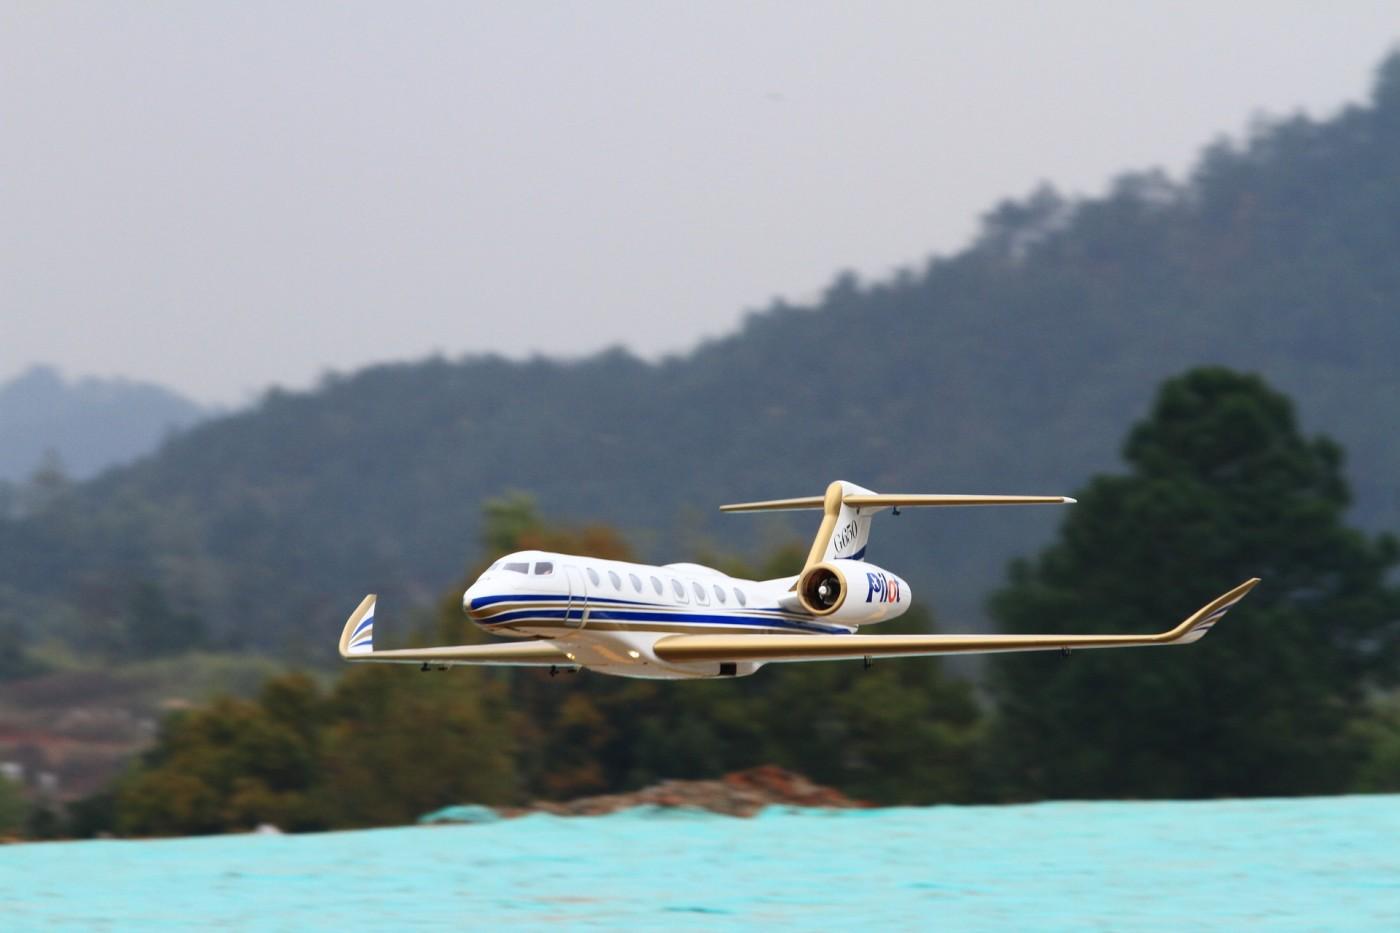 gulfstream g650 97 2 65m pilot rc rh pilot rc com gulfstream g650 flight manual pdf gulfstream g650 manual pdf